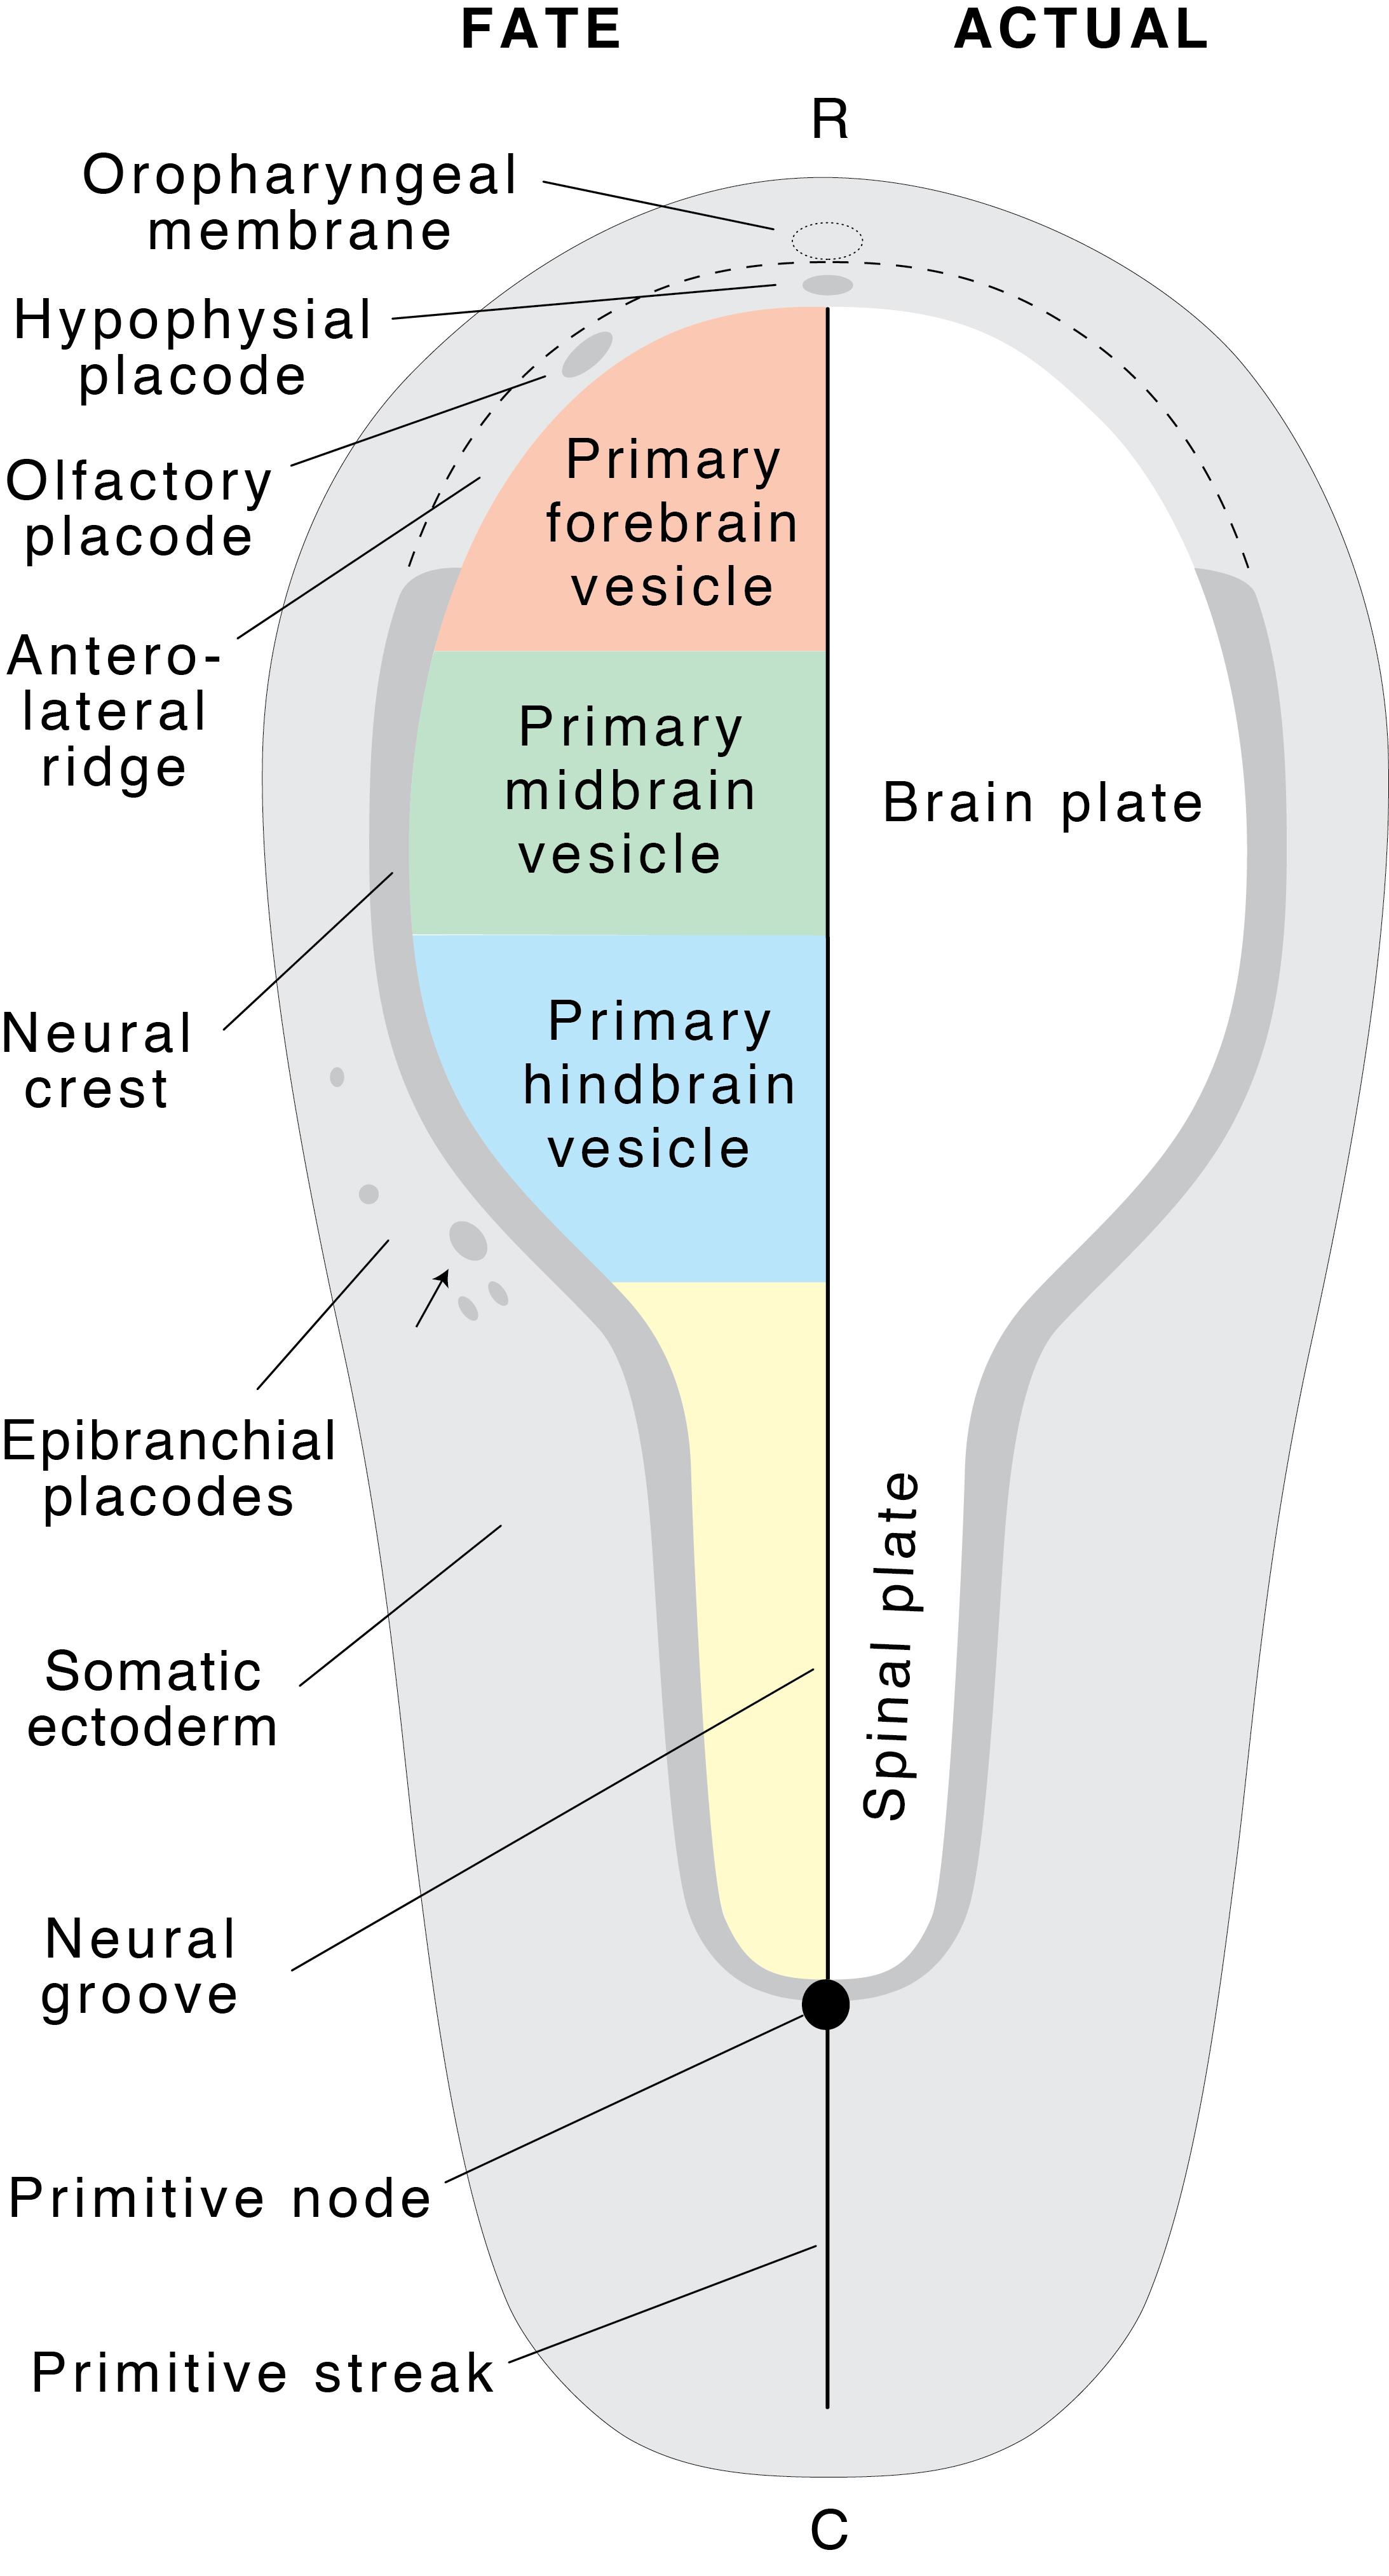 Neural plate fatemap